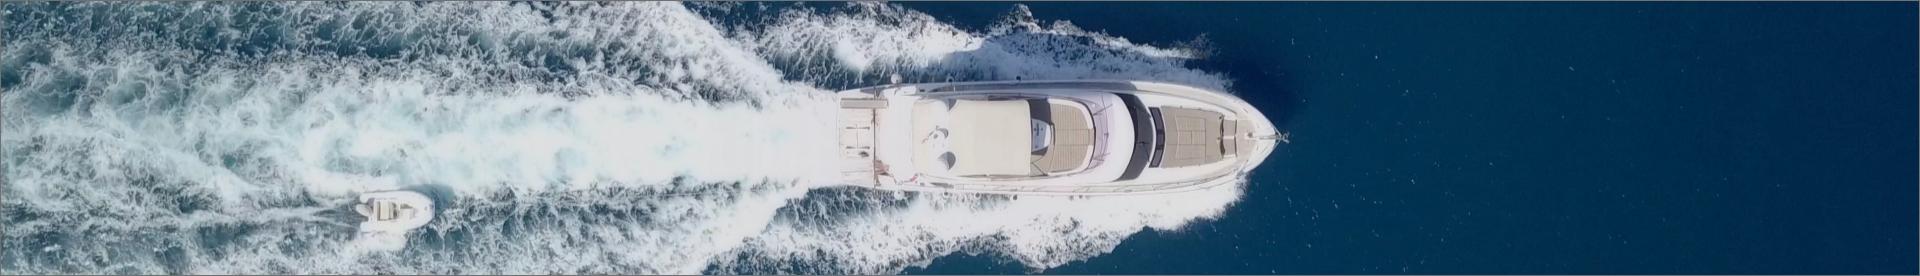 Gillen Yacht February newsletter footer